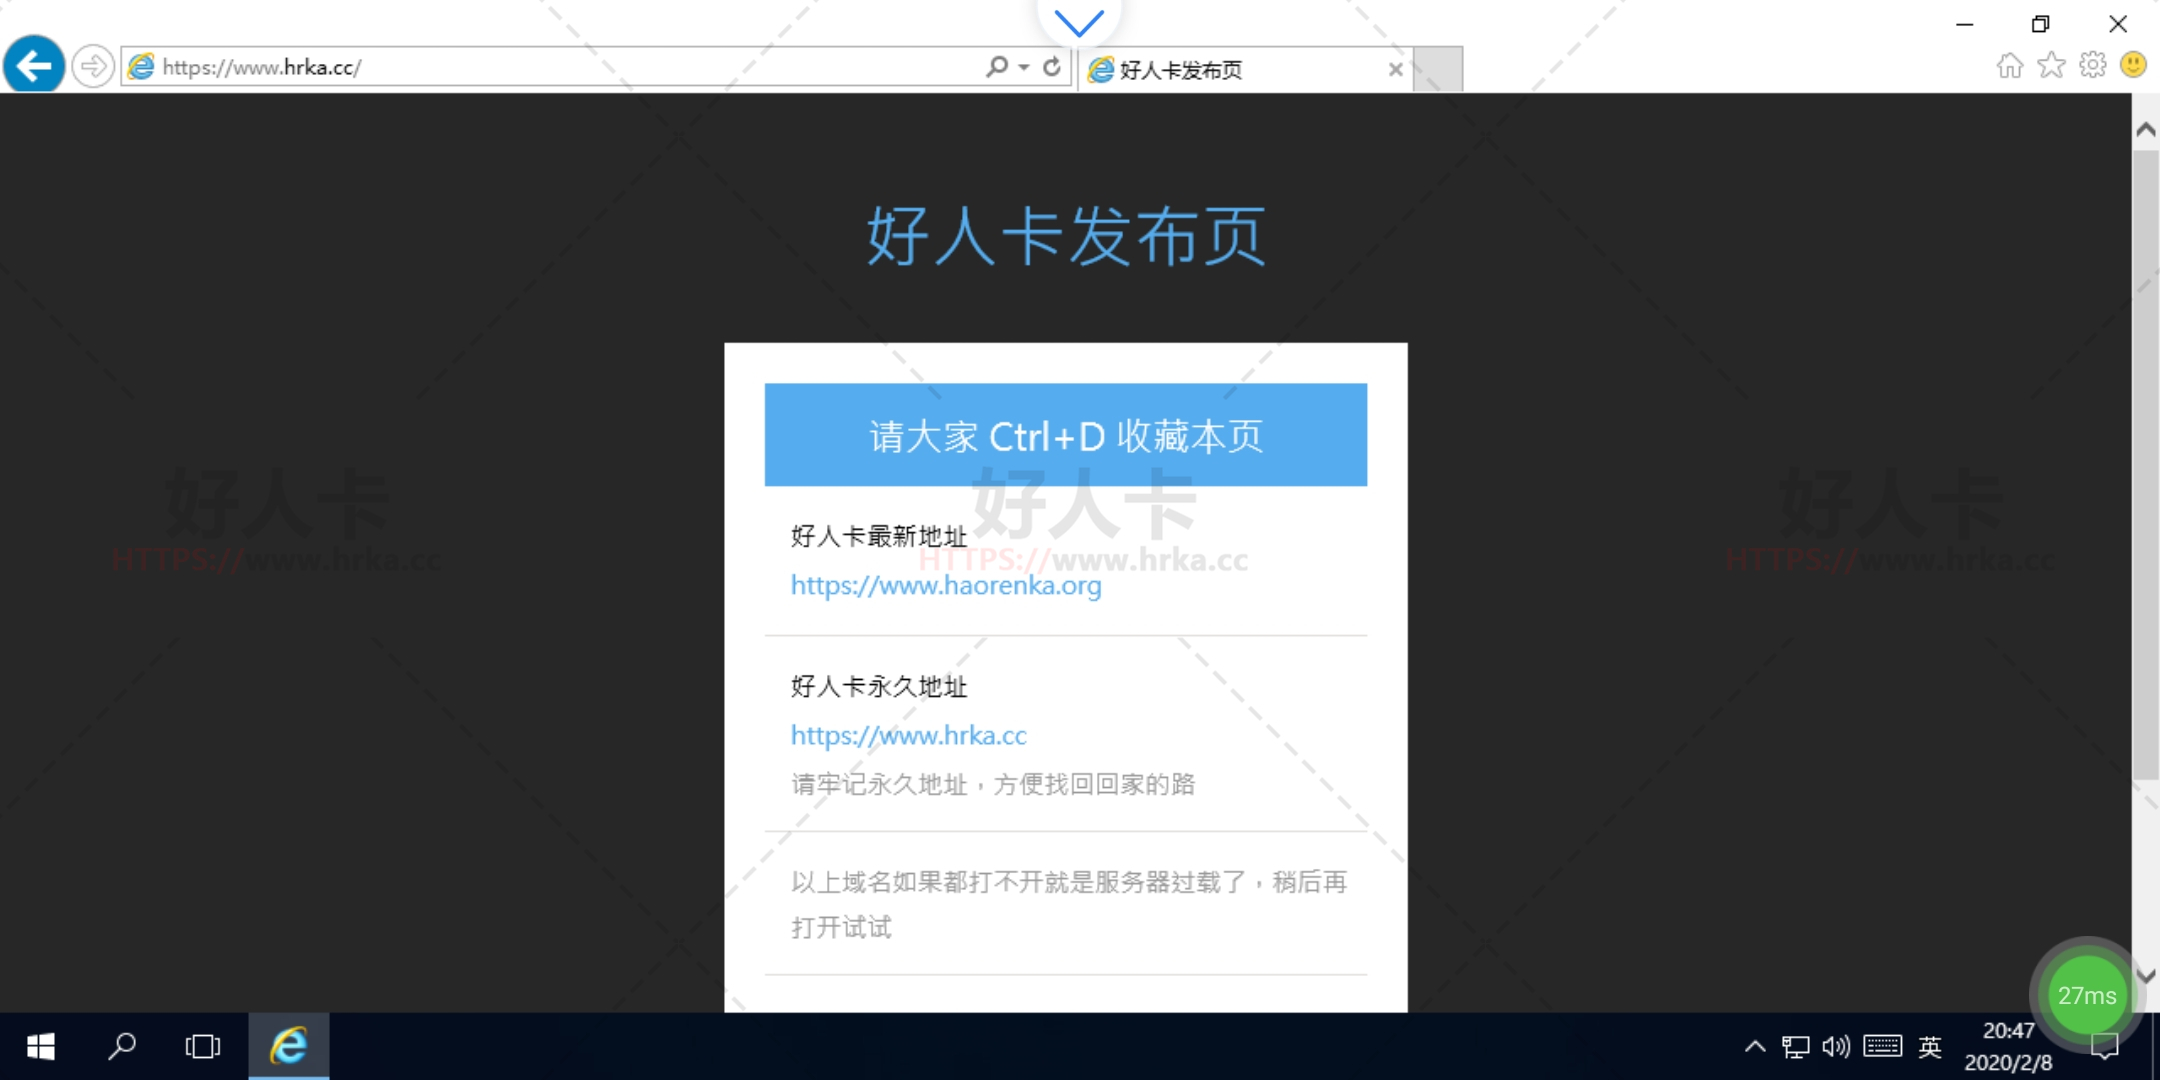 天翼云电脑 免费到3月31号 需实名